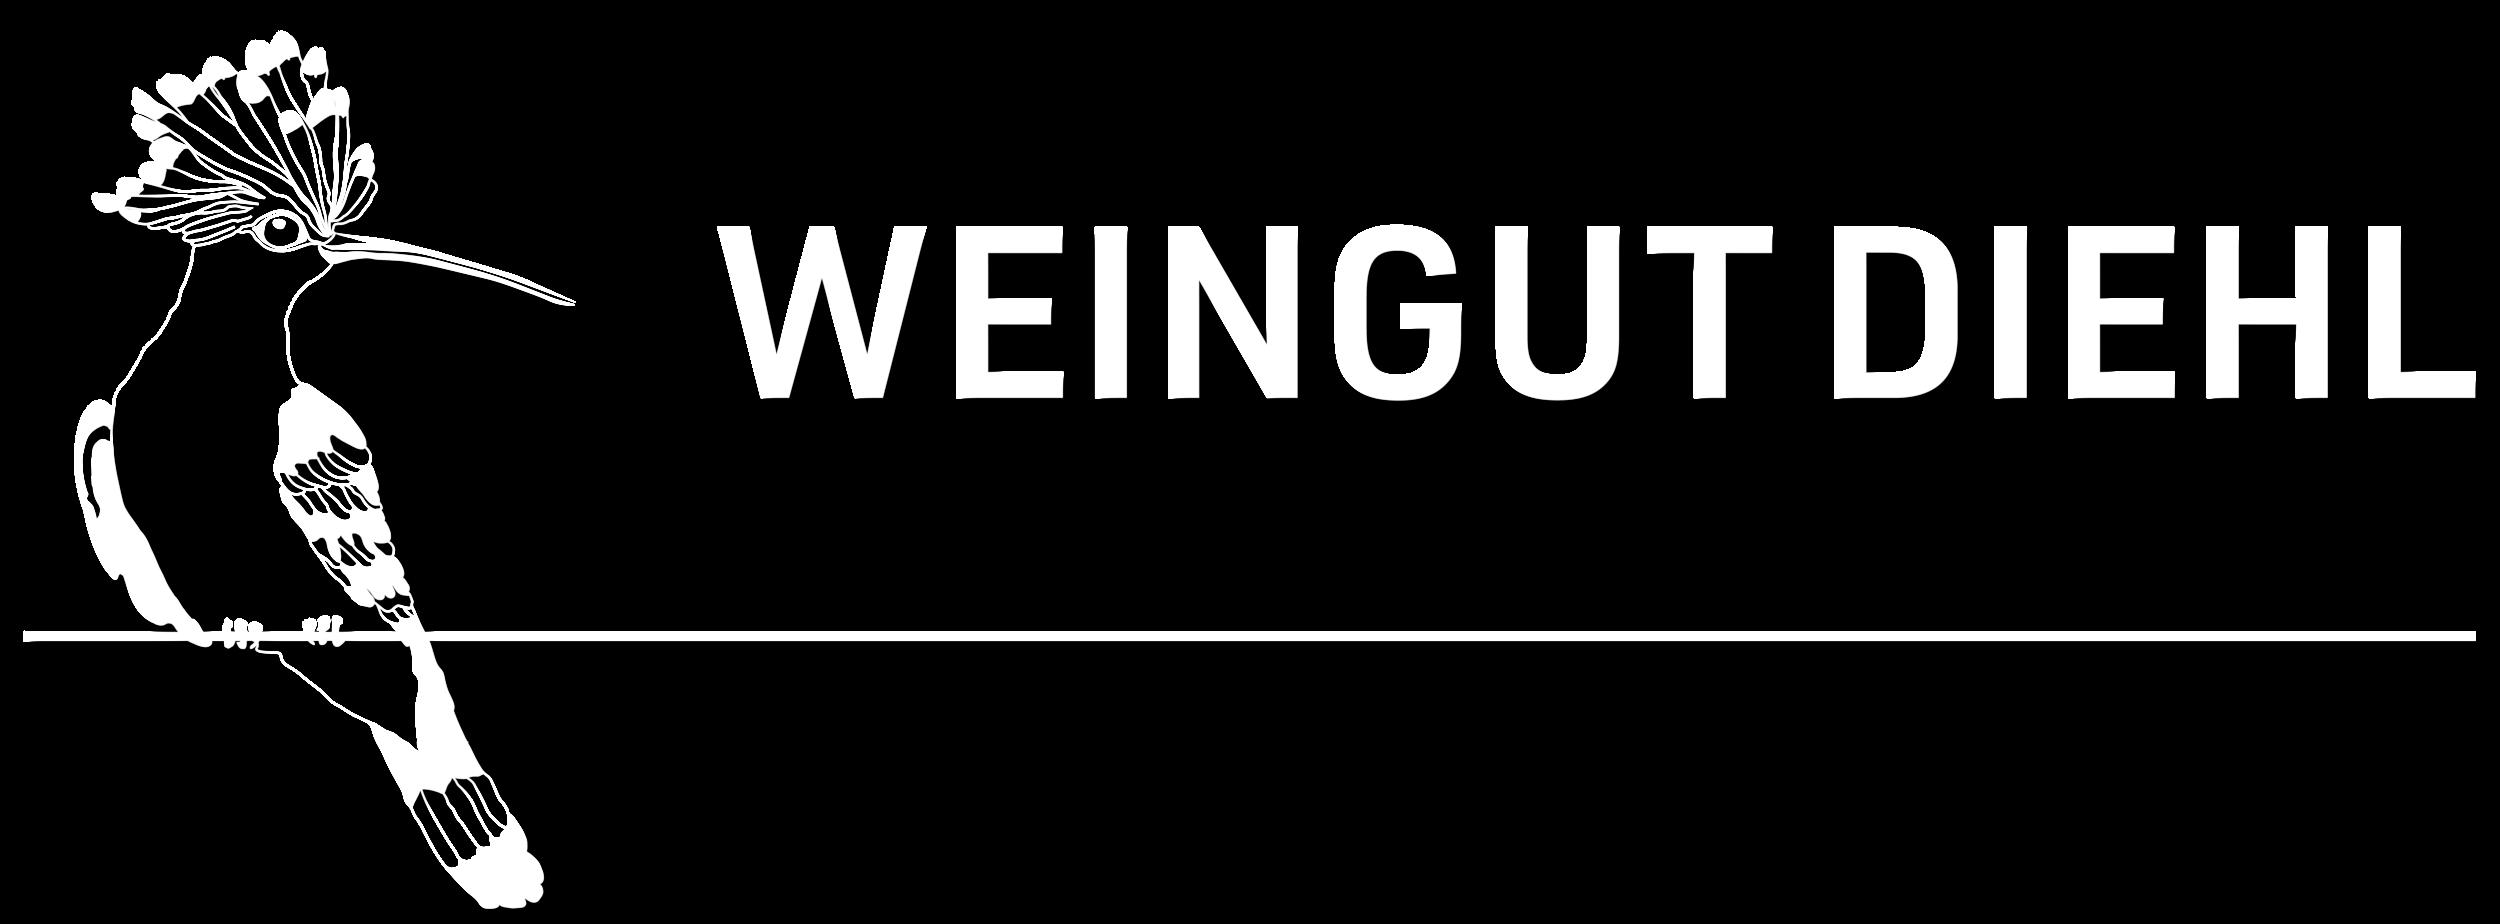 weingut-diehl-signet-wiedehopf.png